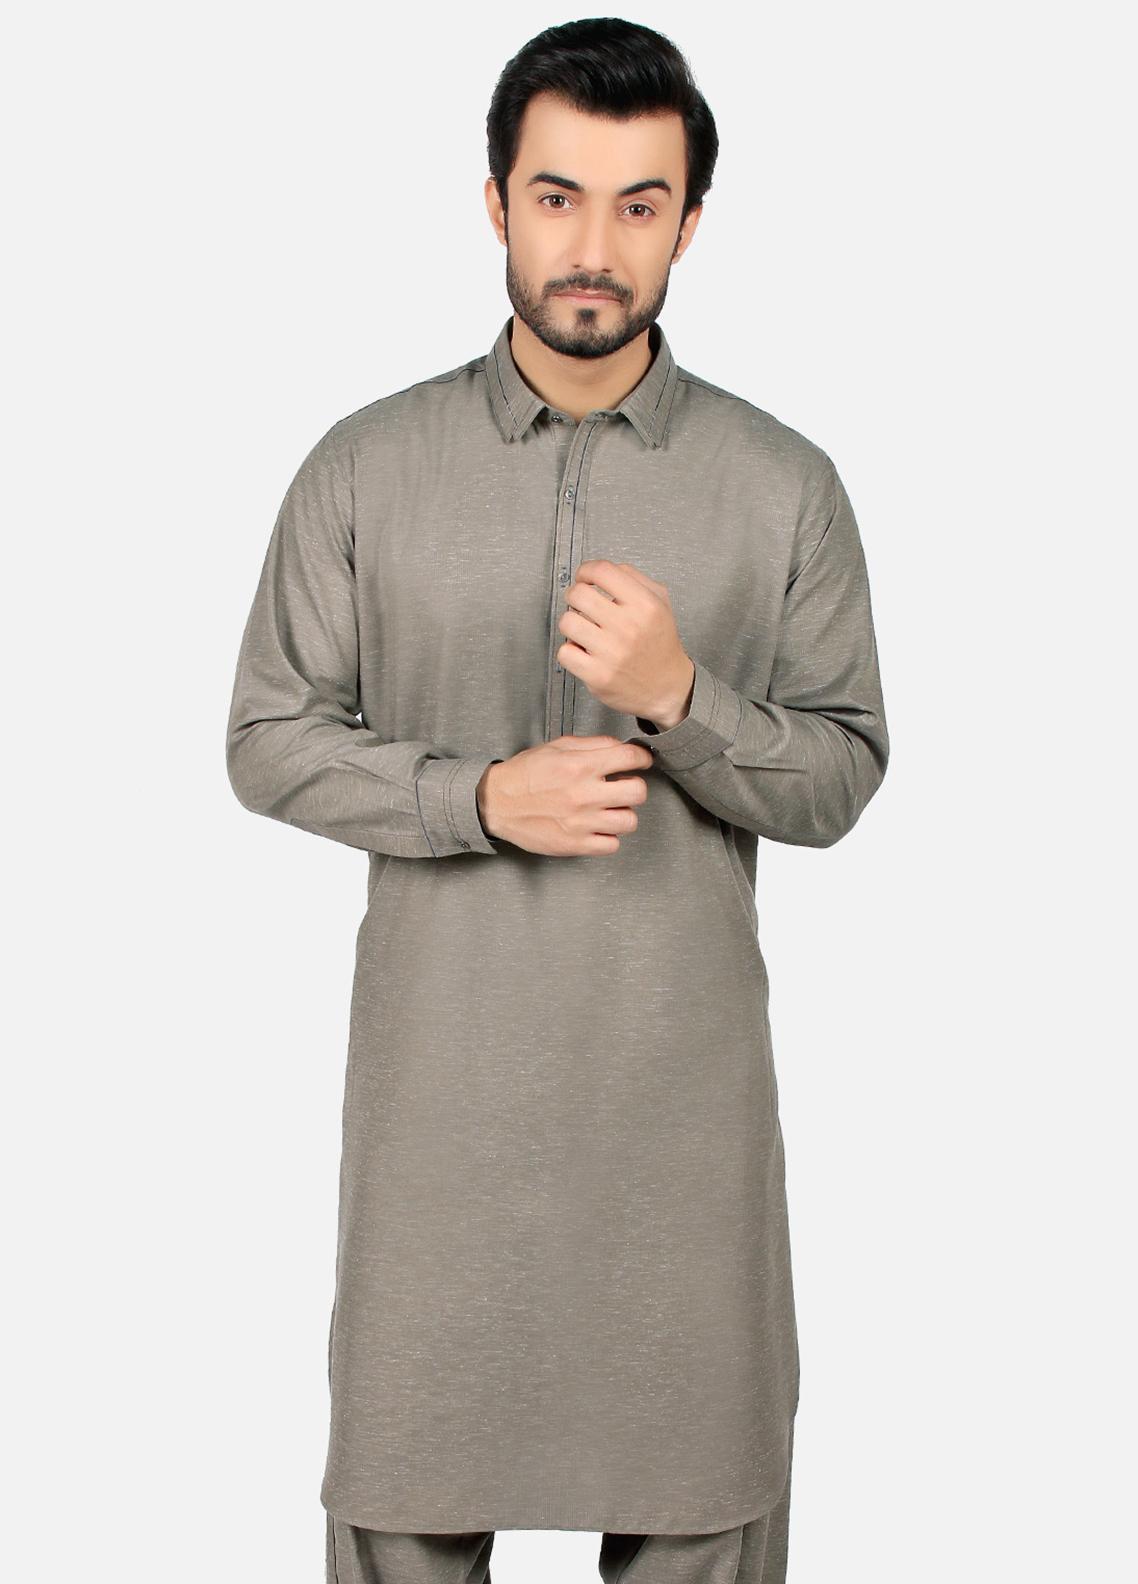 Edenrobe Wash N Wear Formal Kameez Shalwar for Men - Grey EMTSW19S-9785